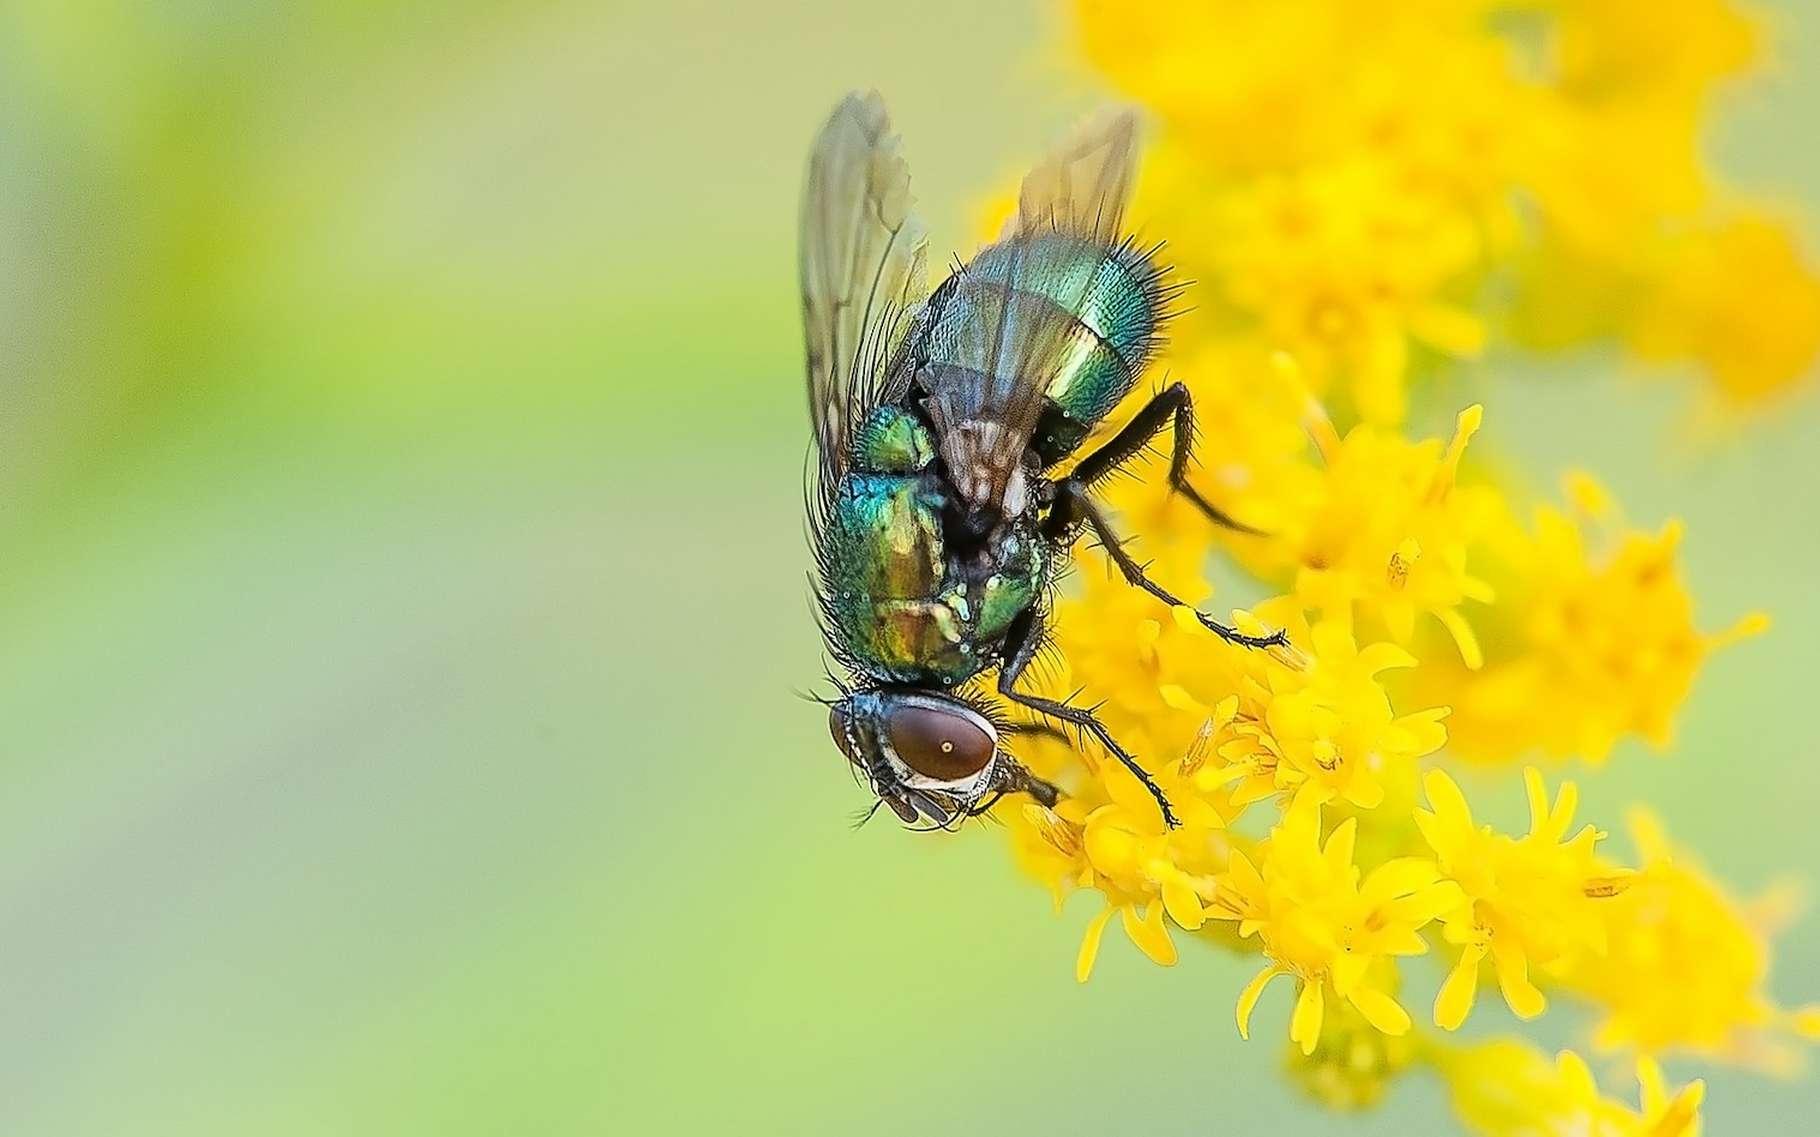 Des chercheurs britanniques ont découvert que la durée de vie de mouches mâles n'est pas impactée par une privation de sommeil. © Nikiko, Pixabay, CC0 Creative Commons